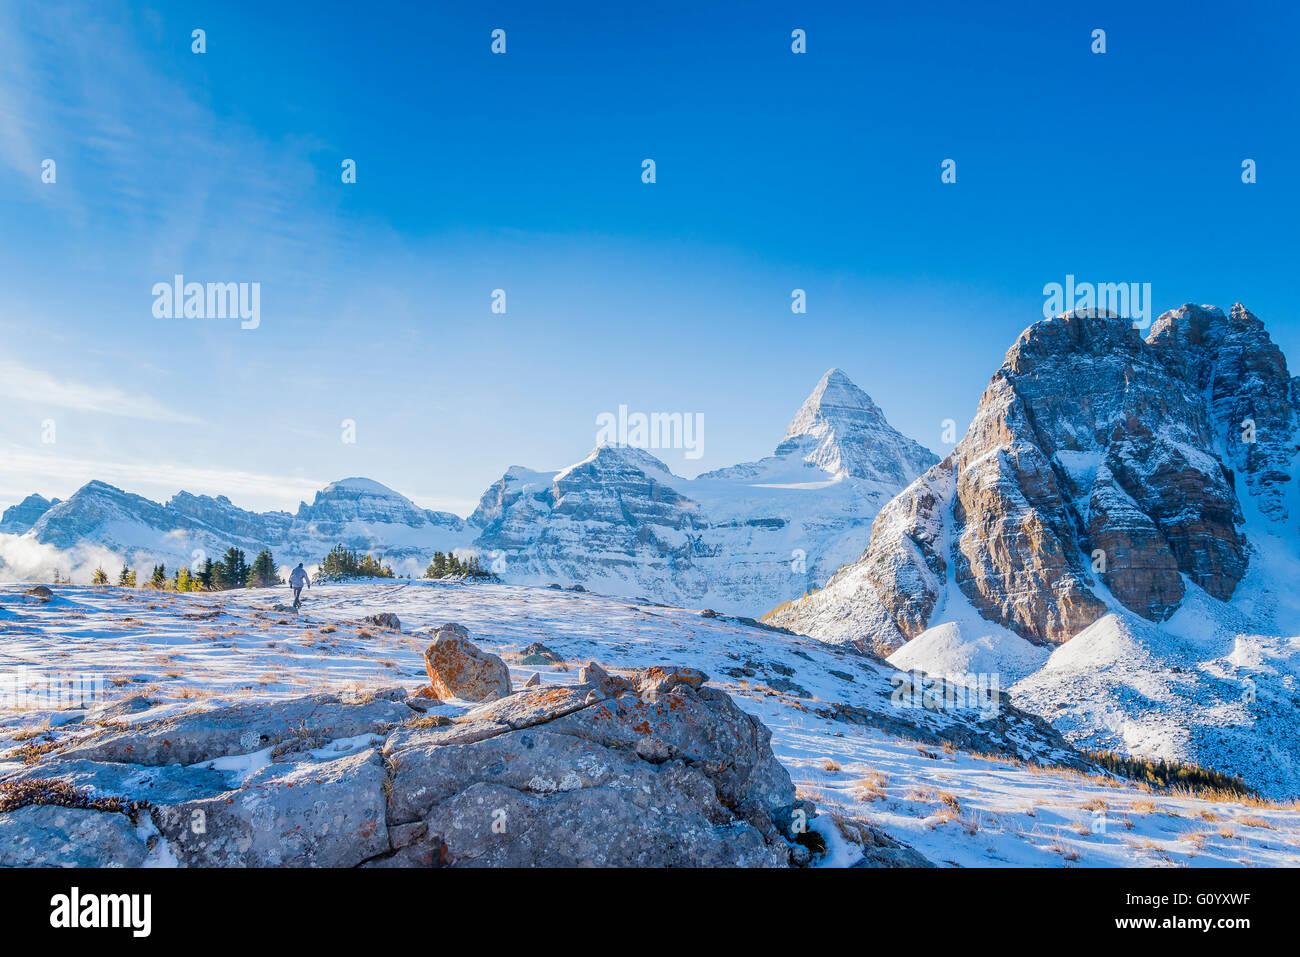 Mount Assiniboine and Sunburst Peak, Mount Assiniboine Provincial Park, British Columbia, Canada - Stock Image